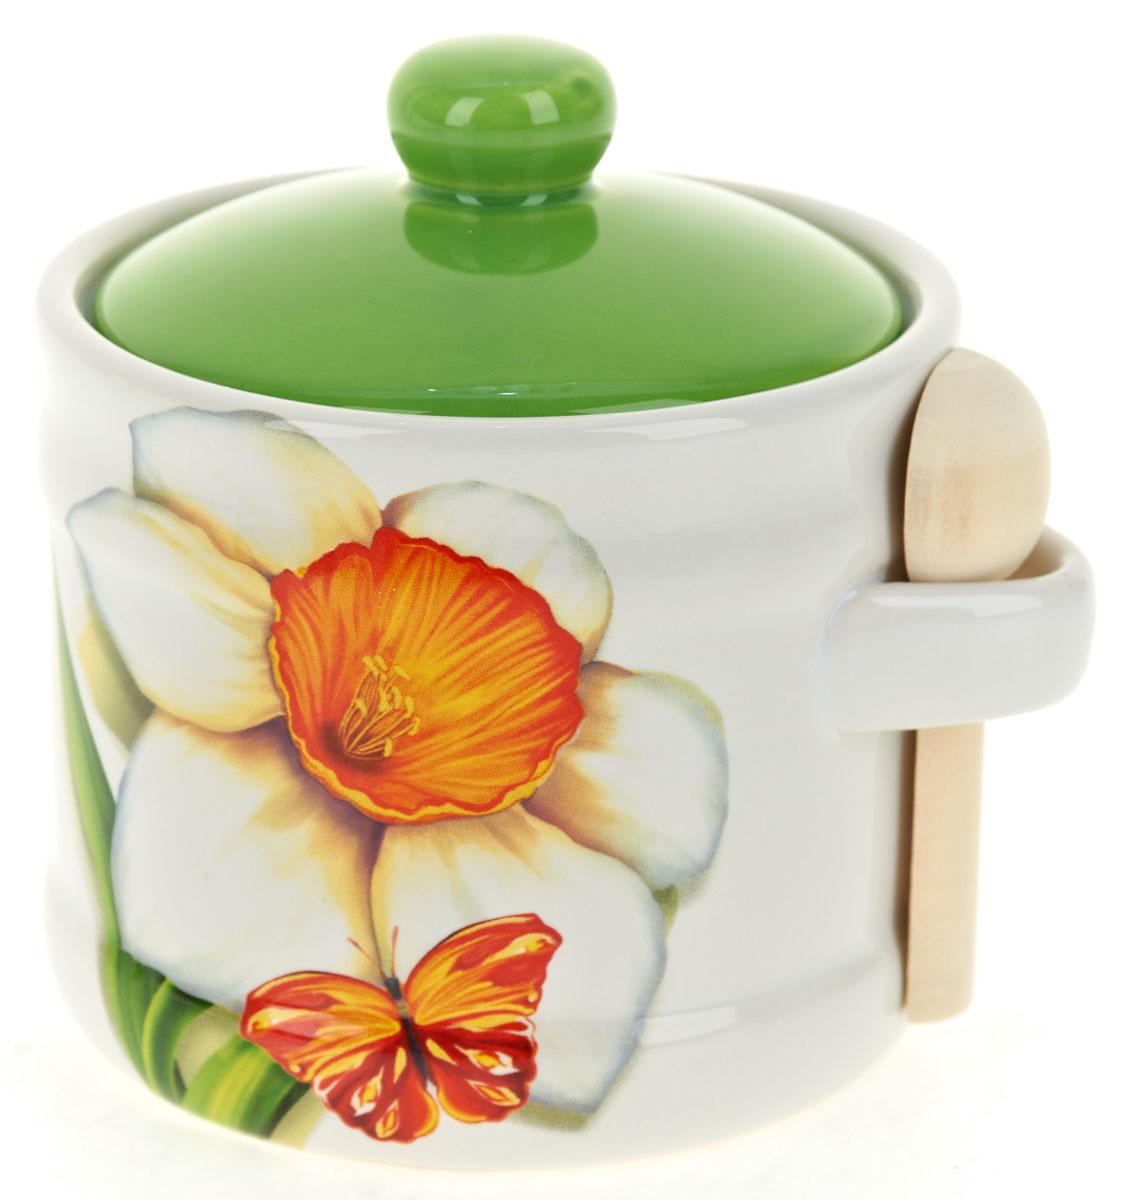 Банка для сыпучих продуктов Polystar Нарцисс, с ложкой, 500 млL2520305Банка для сыпучих продуктов изготовлена из прочной доломитовой керамики, с деревянной ложечкой. Изделие оформлено красочным изображением. Банка прекрасно подойдет для хранения различных сыпучих продуктов: чая, кофе, сахара, круп и многого другого. Изящная емкость не только поможет хранить разнообразные сыпучие продукты, но и стильно дополнит интерьер кухни. Изделие подходит для использования в посудомоечной машине.